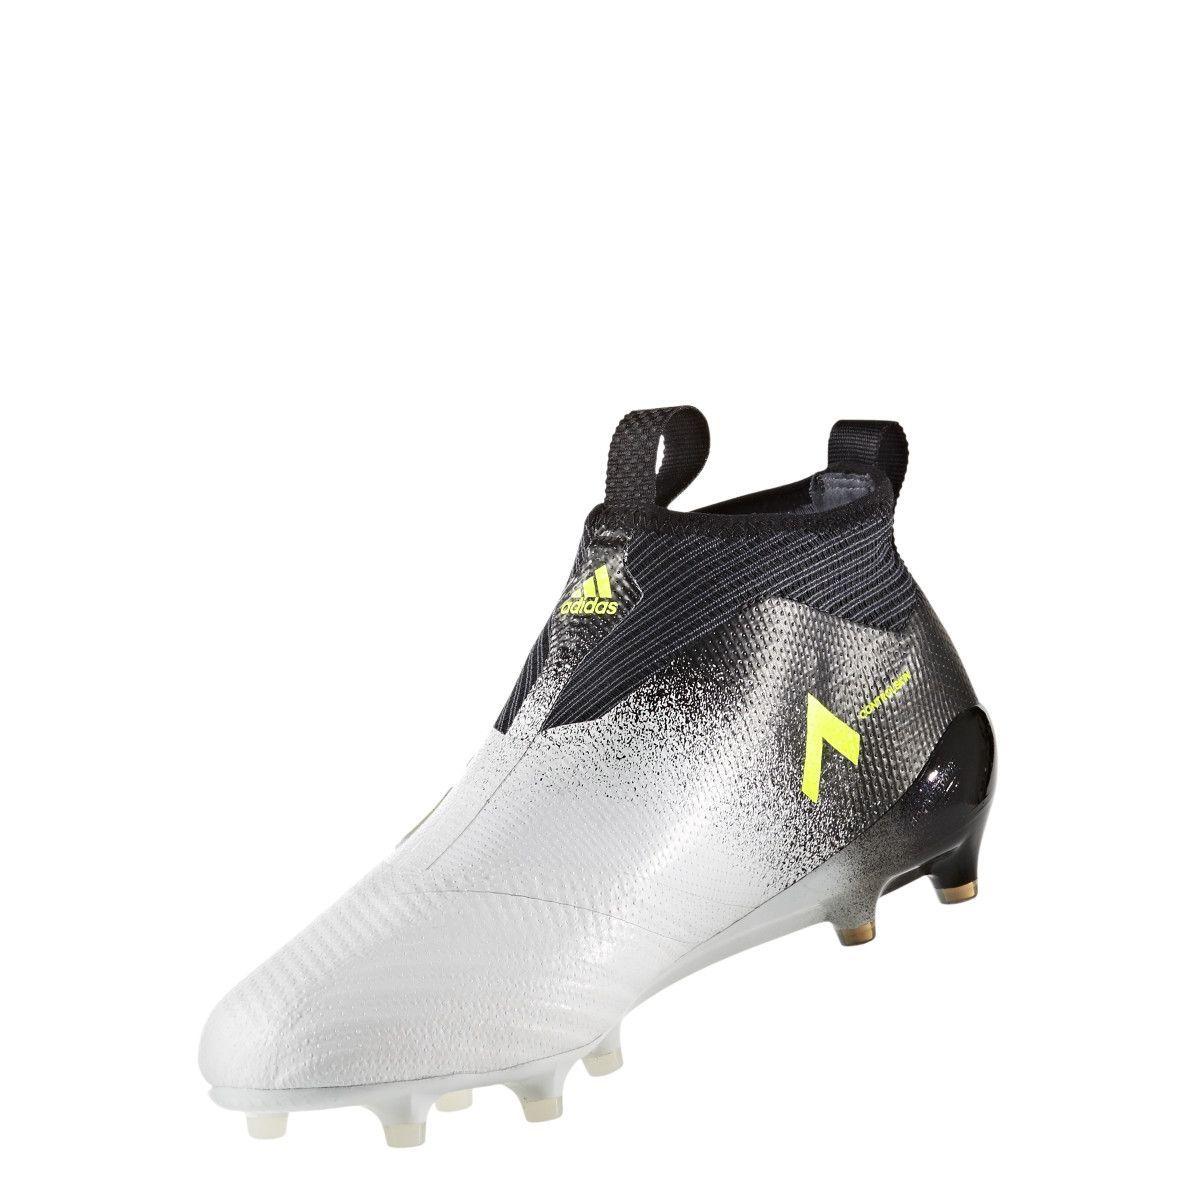 Adidas uomini 'ace 17 + purecontrol fg scarpini da calcio scarpe da calcio